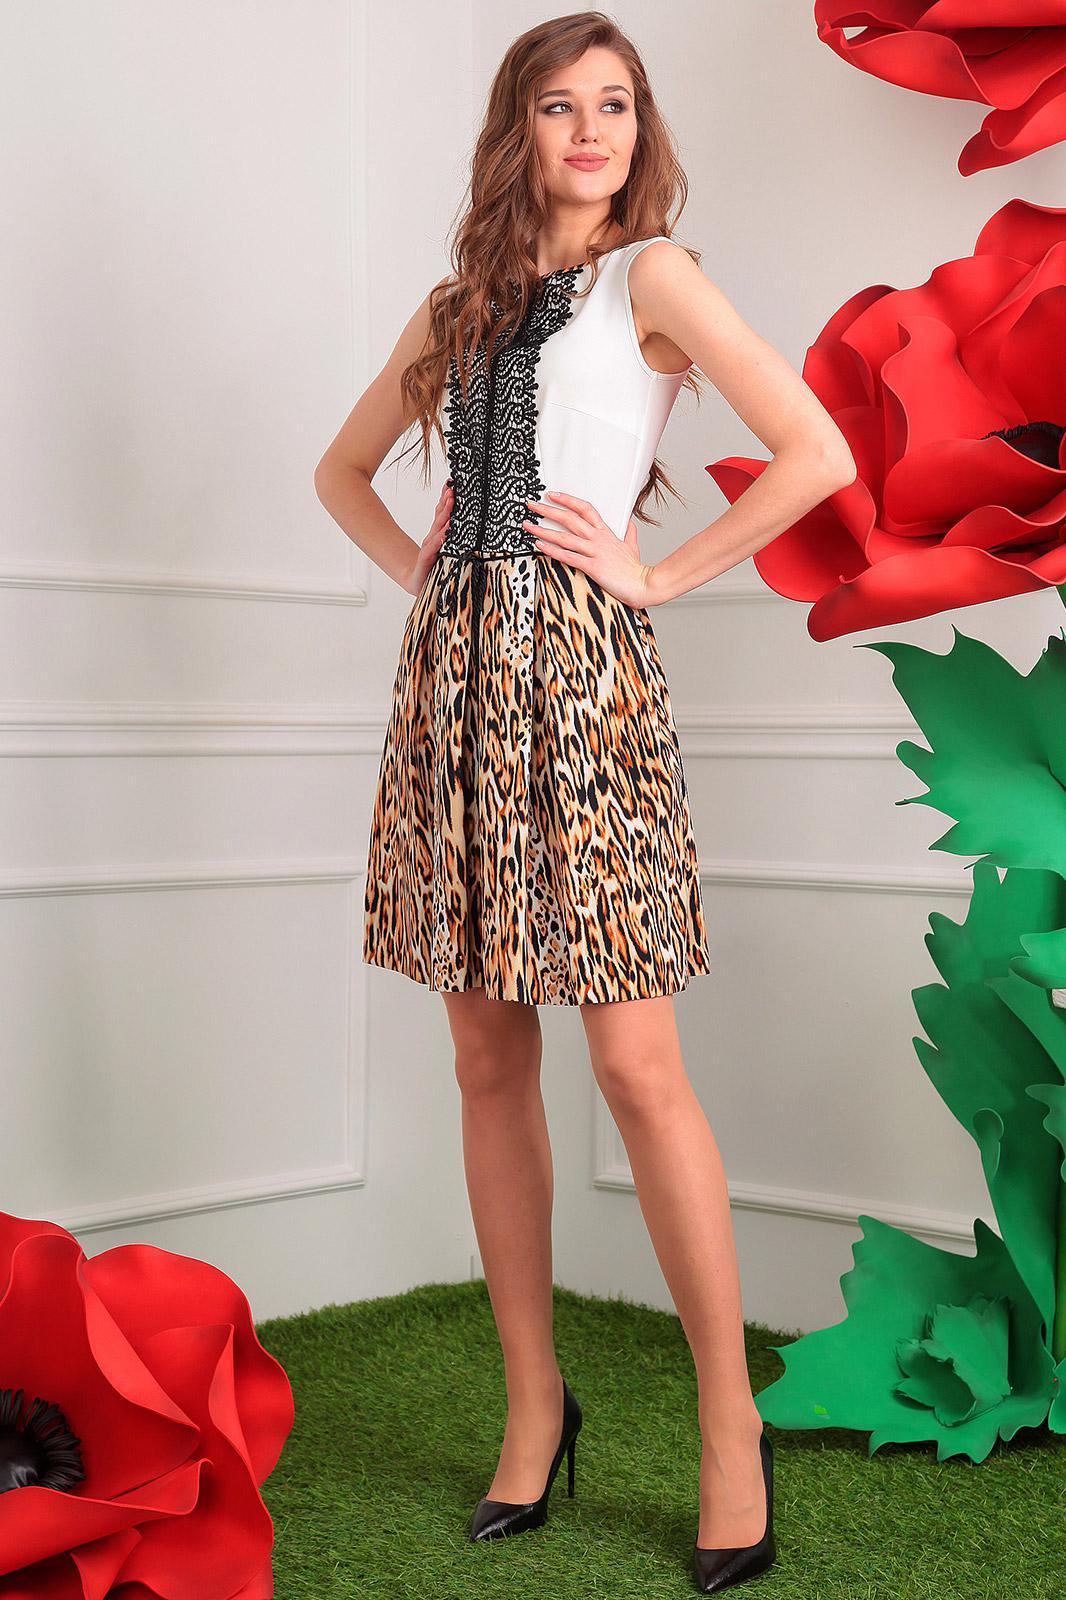 Купить Платье Мода-Юрс, 2326 молочный+леопард, Беларусь